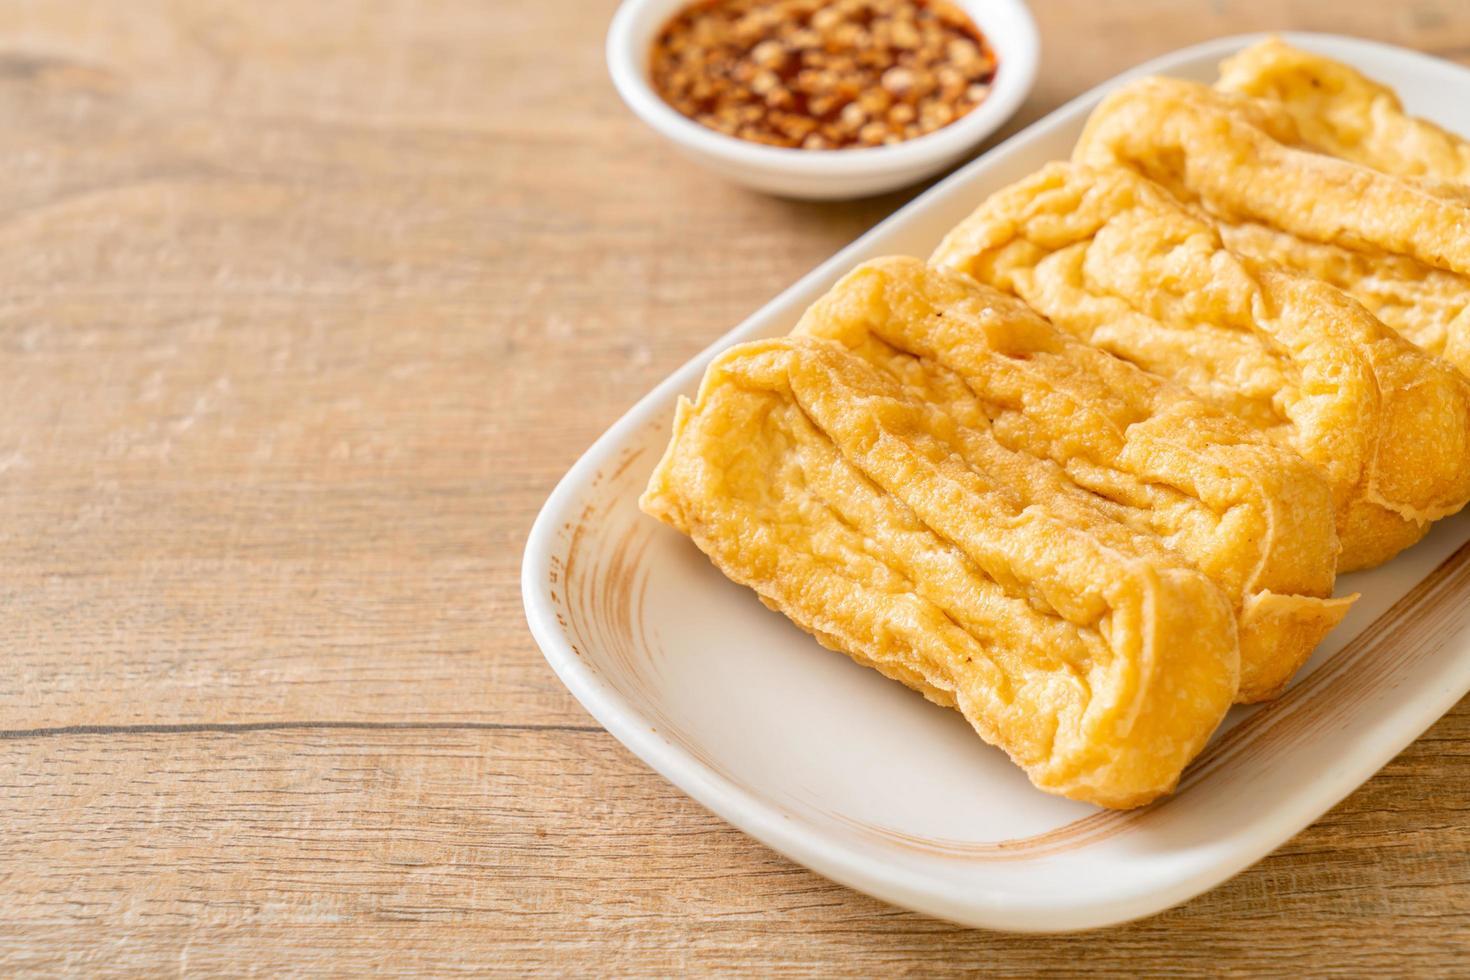 gebratener Tofu mit Sauce - vegane und vegetarische Küche foto